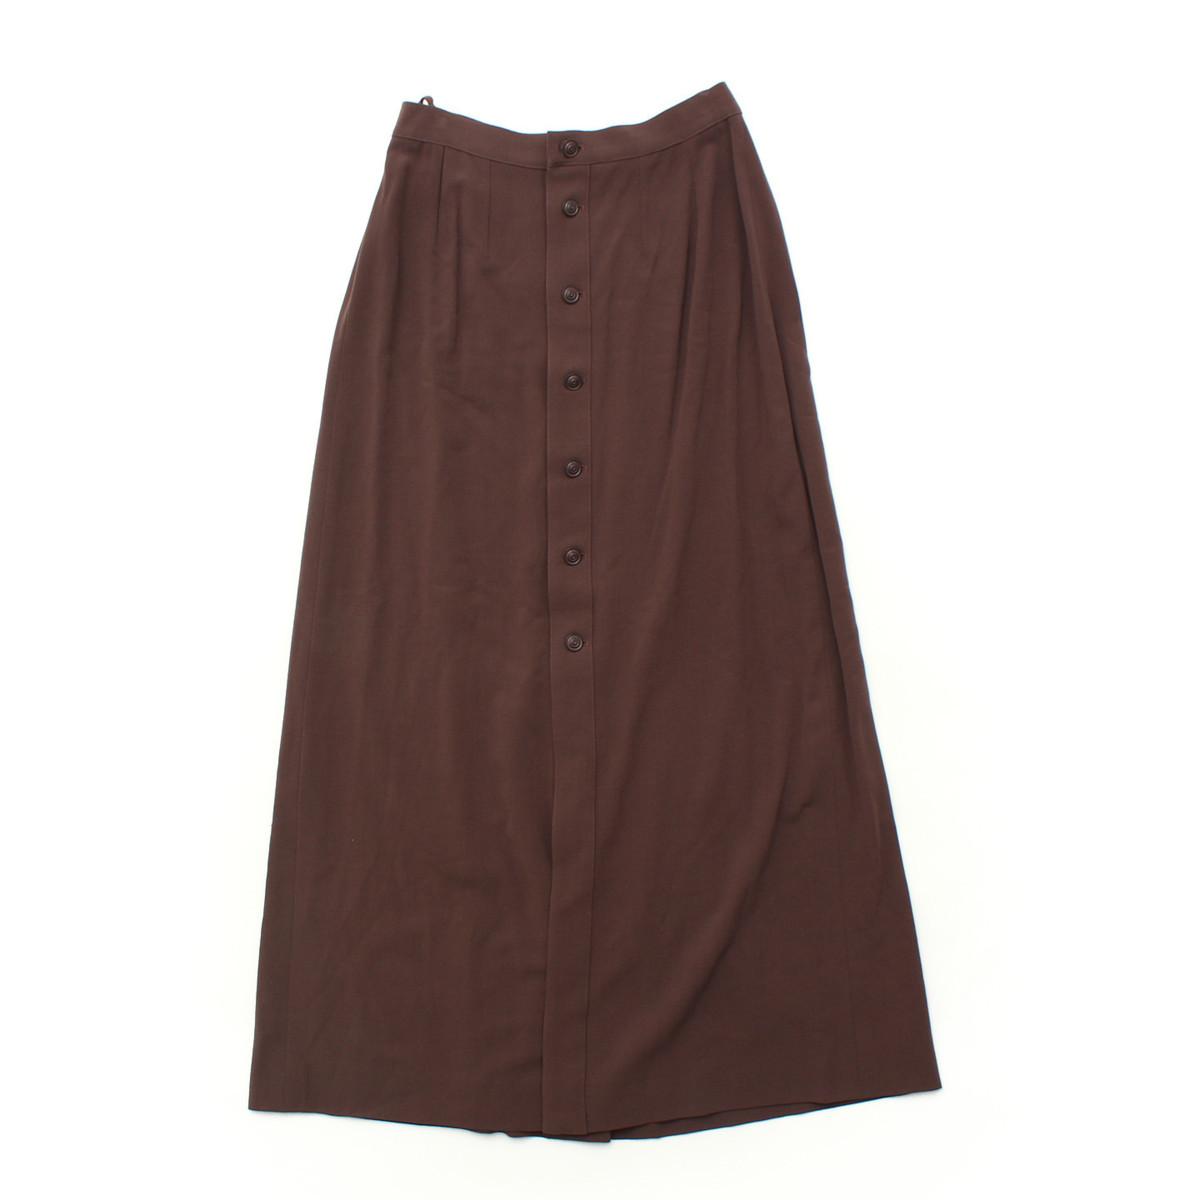 【シャネル】Chanel ウール ロングスカート 99P ワインレッド 38 【中古】【鑑定済・正規品保証】【送料無料】30655